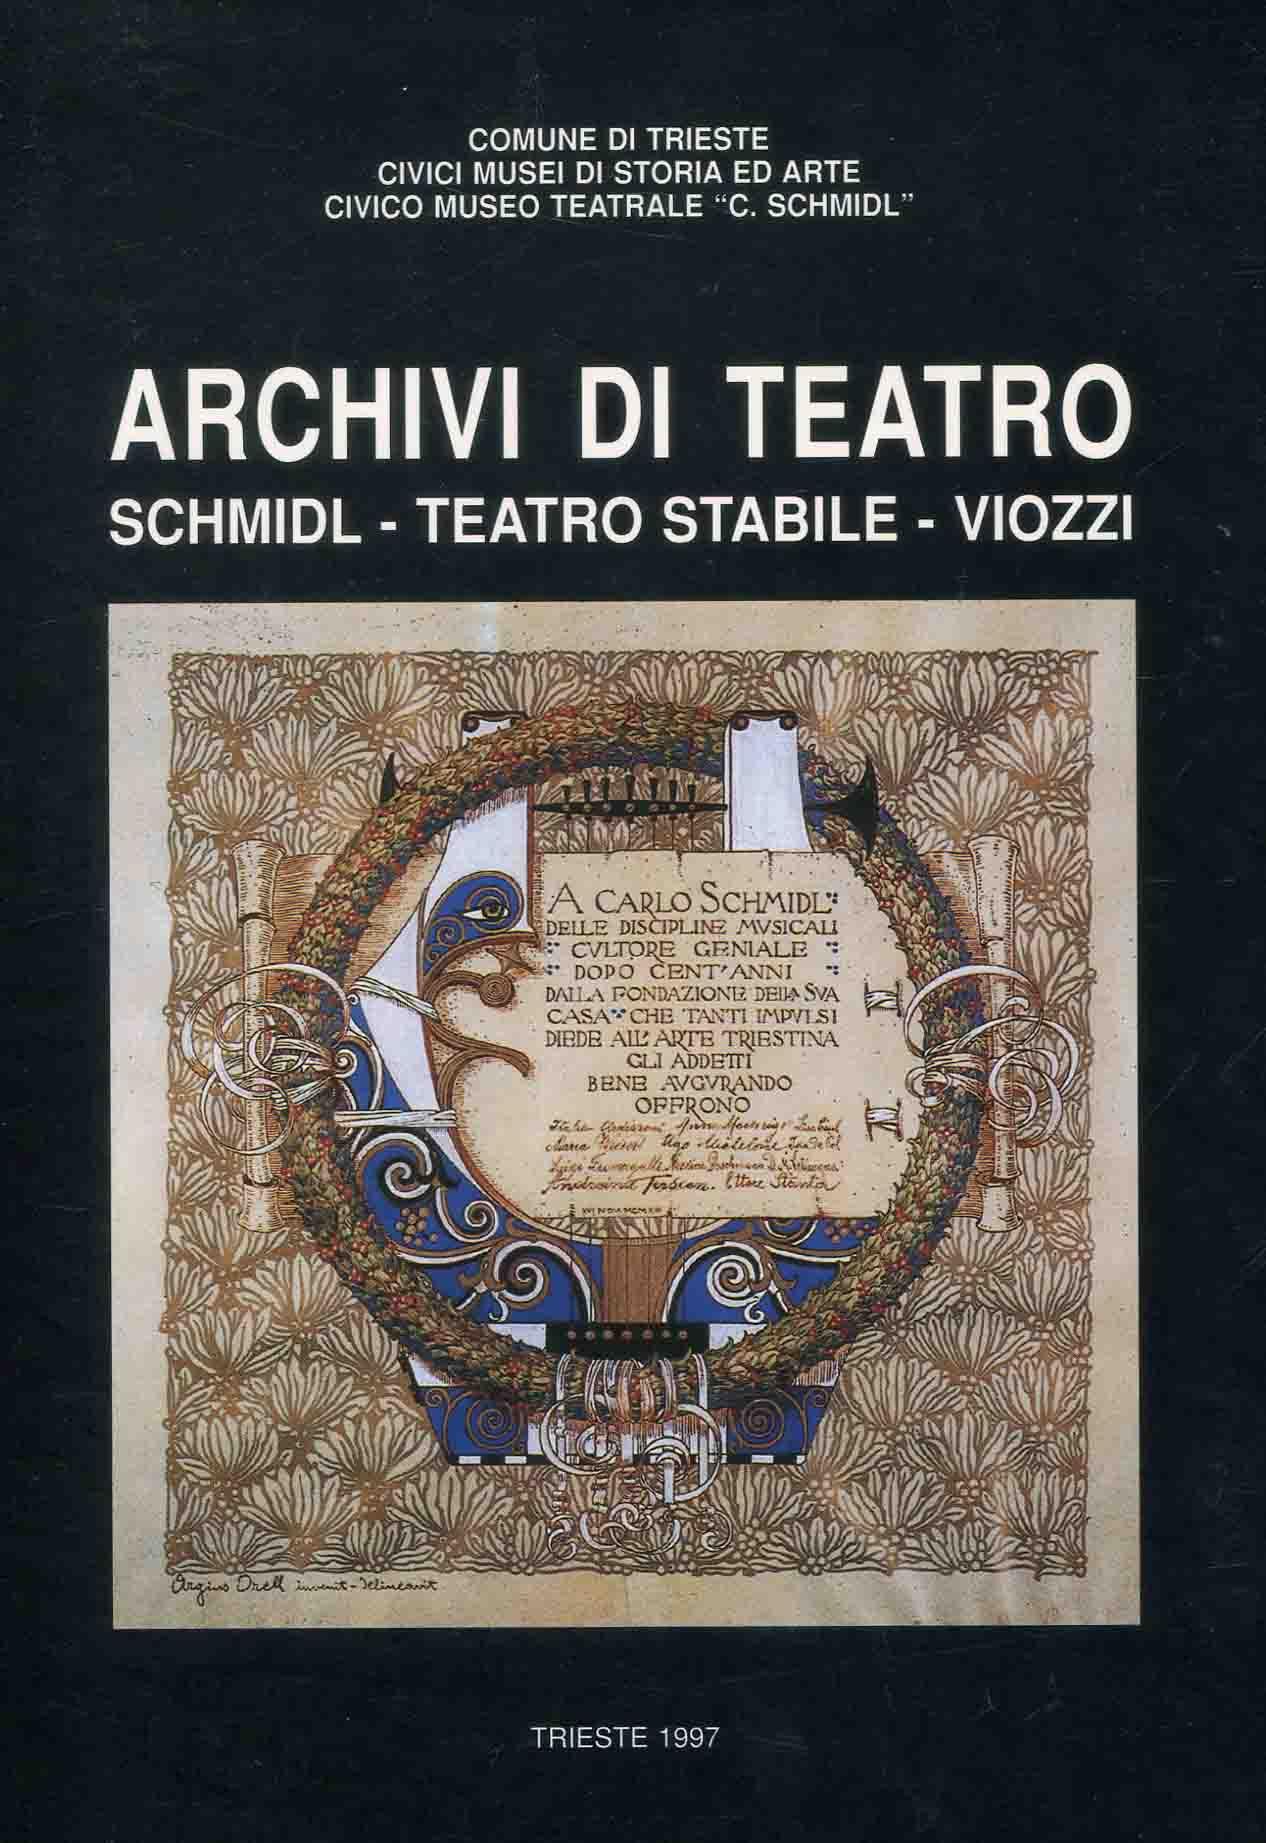 Archivi di teatro : Schmidl, Teatro Stabile, Viozzi / a cura della Cooperativa degli archivisti-paleografi ; presentazione: Adriano Dugulin